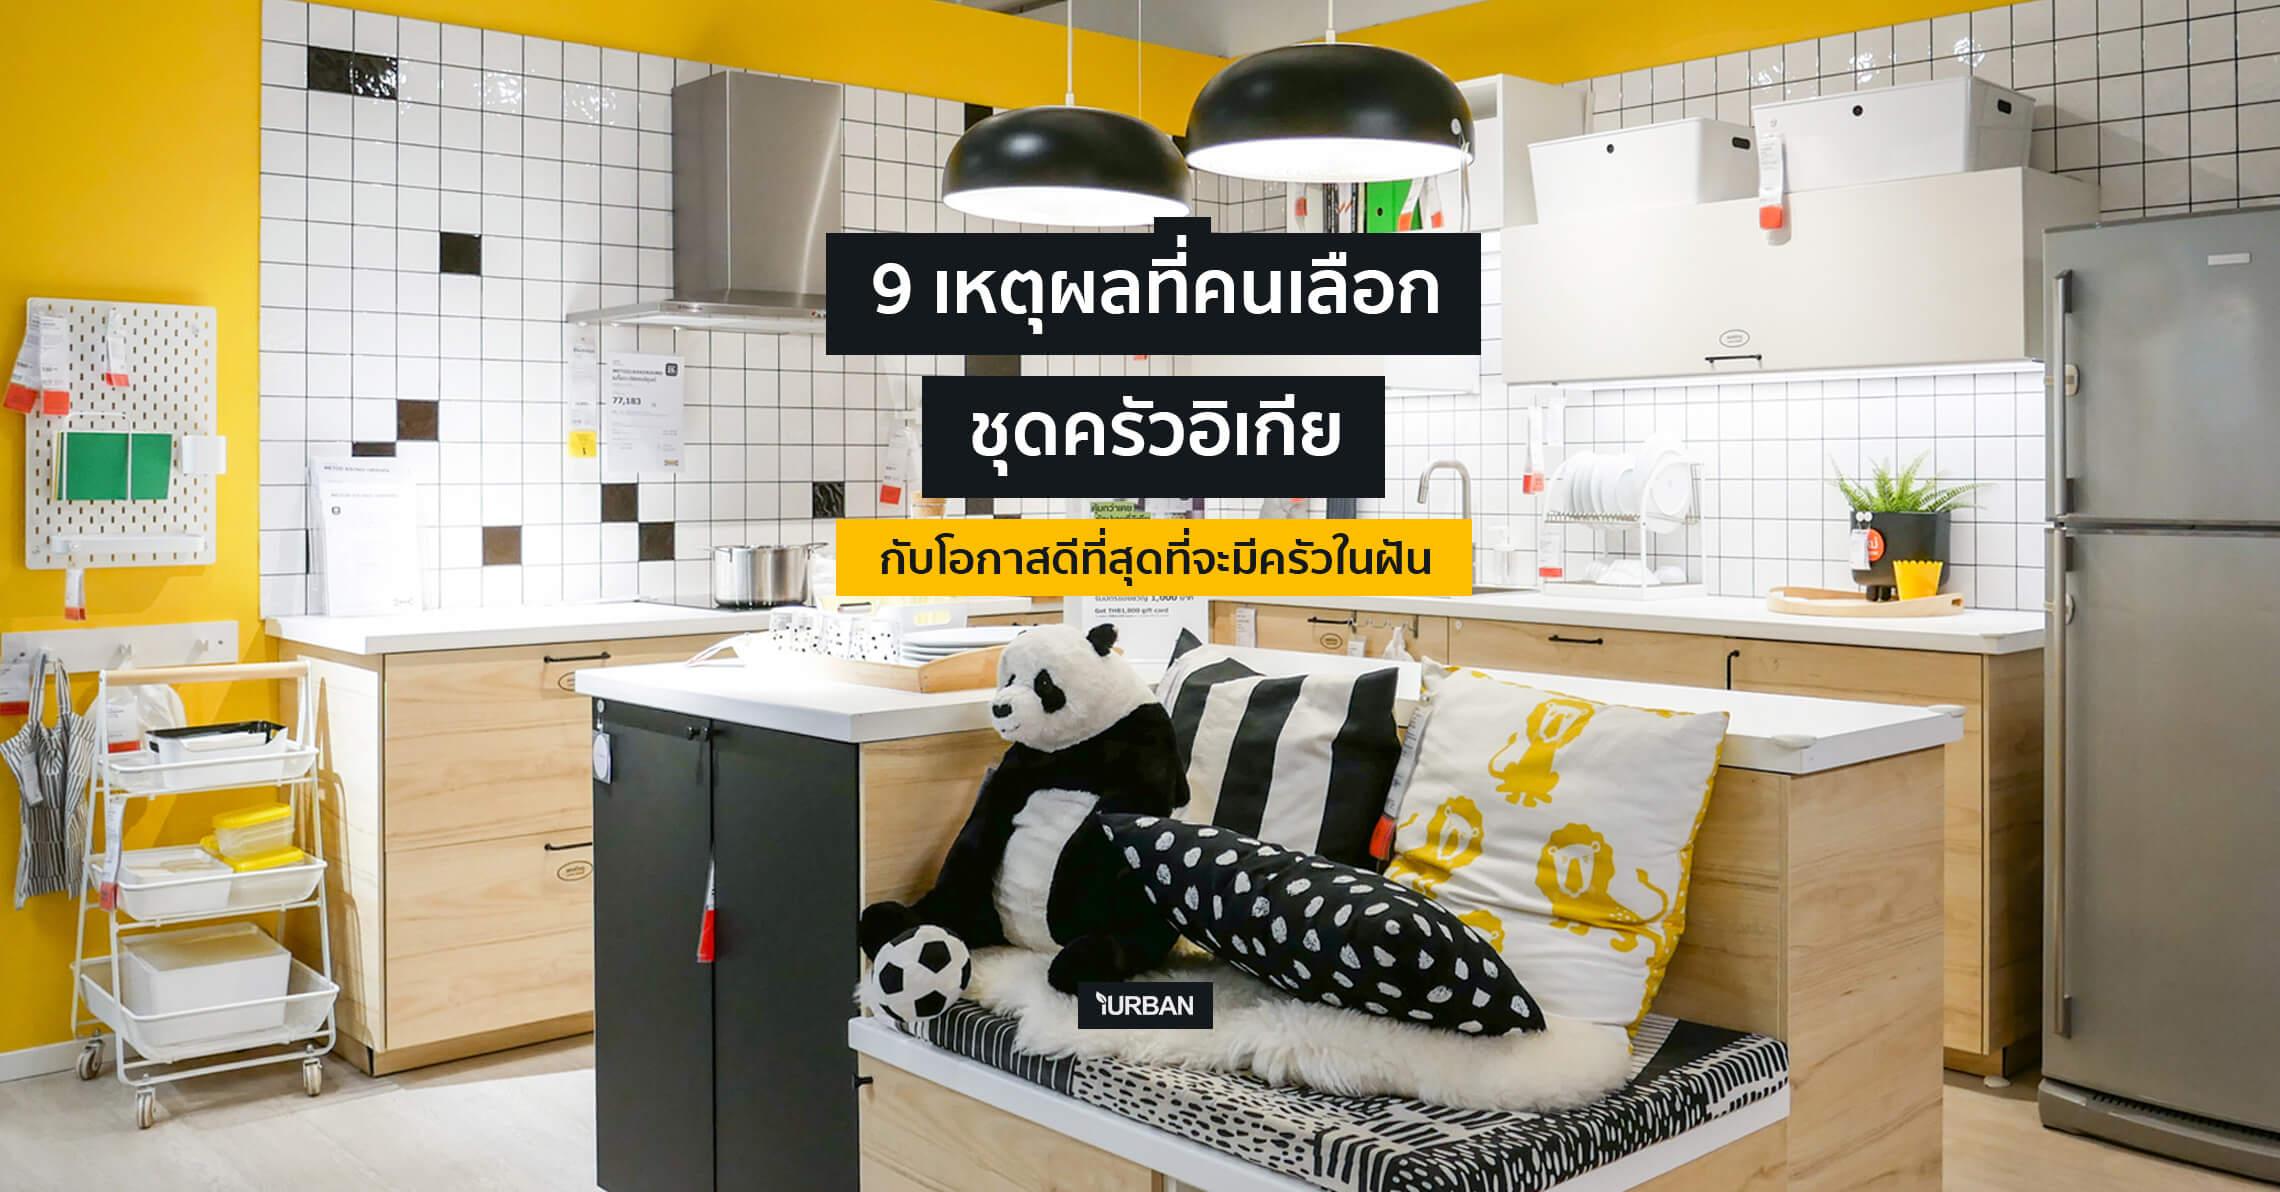 9 เหตุผลที่คนเลือกชุดครัวอิเกีย และโอกาสที่จะมีครัวในฝัน IKEA METOD/เมท็อด โปรนี้ดีที่สุดแล้ว #ถึง17มีนา 4 - ตกแต่งบ้าน